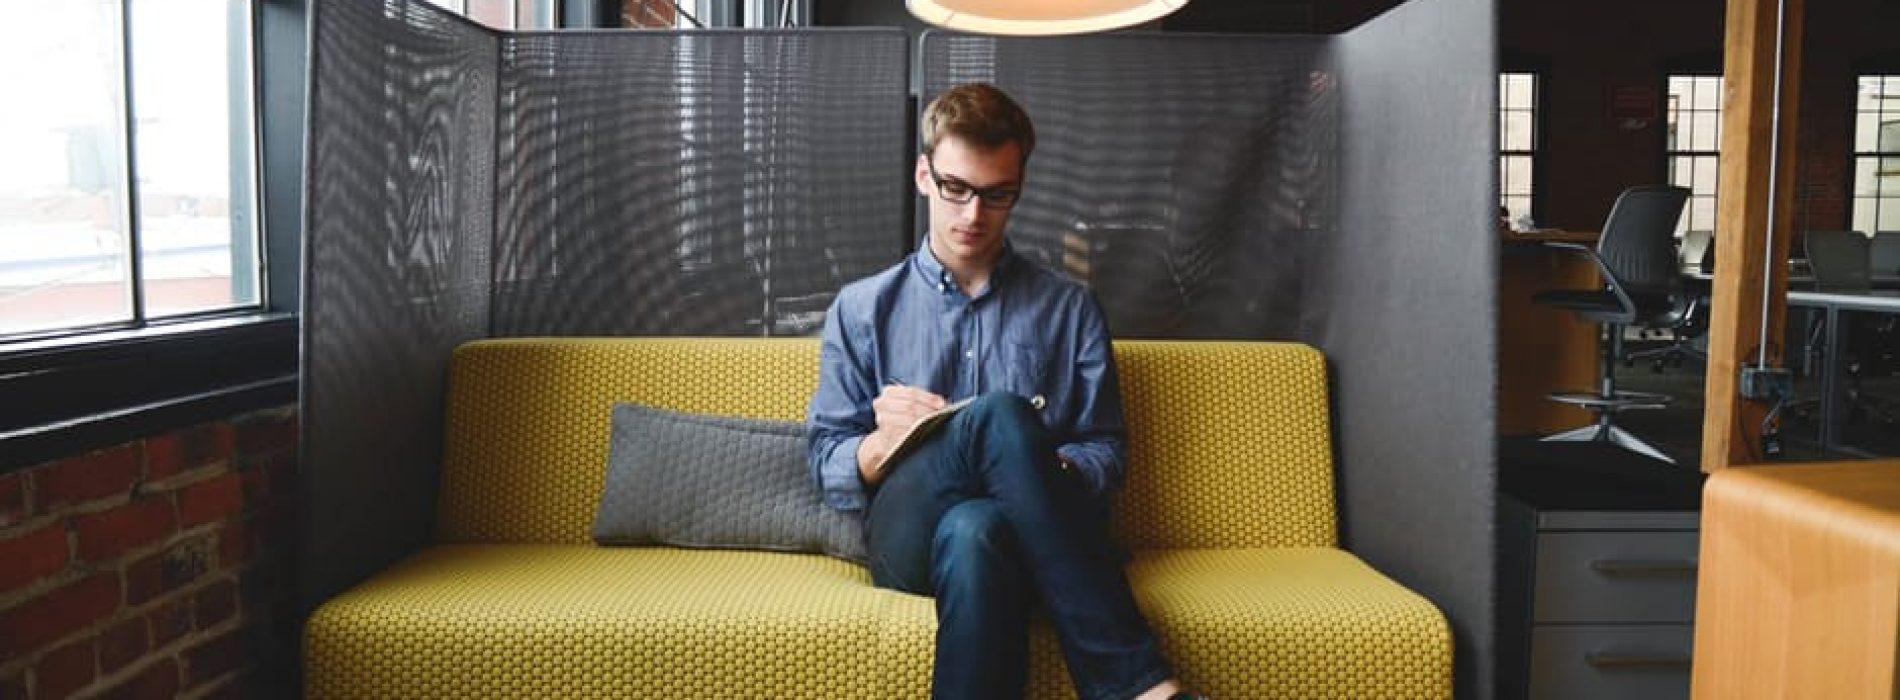 6 грешки по време на интервю, които биха накарали мениджърите да загубят интерес към вас